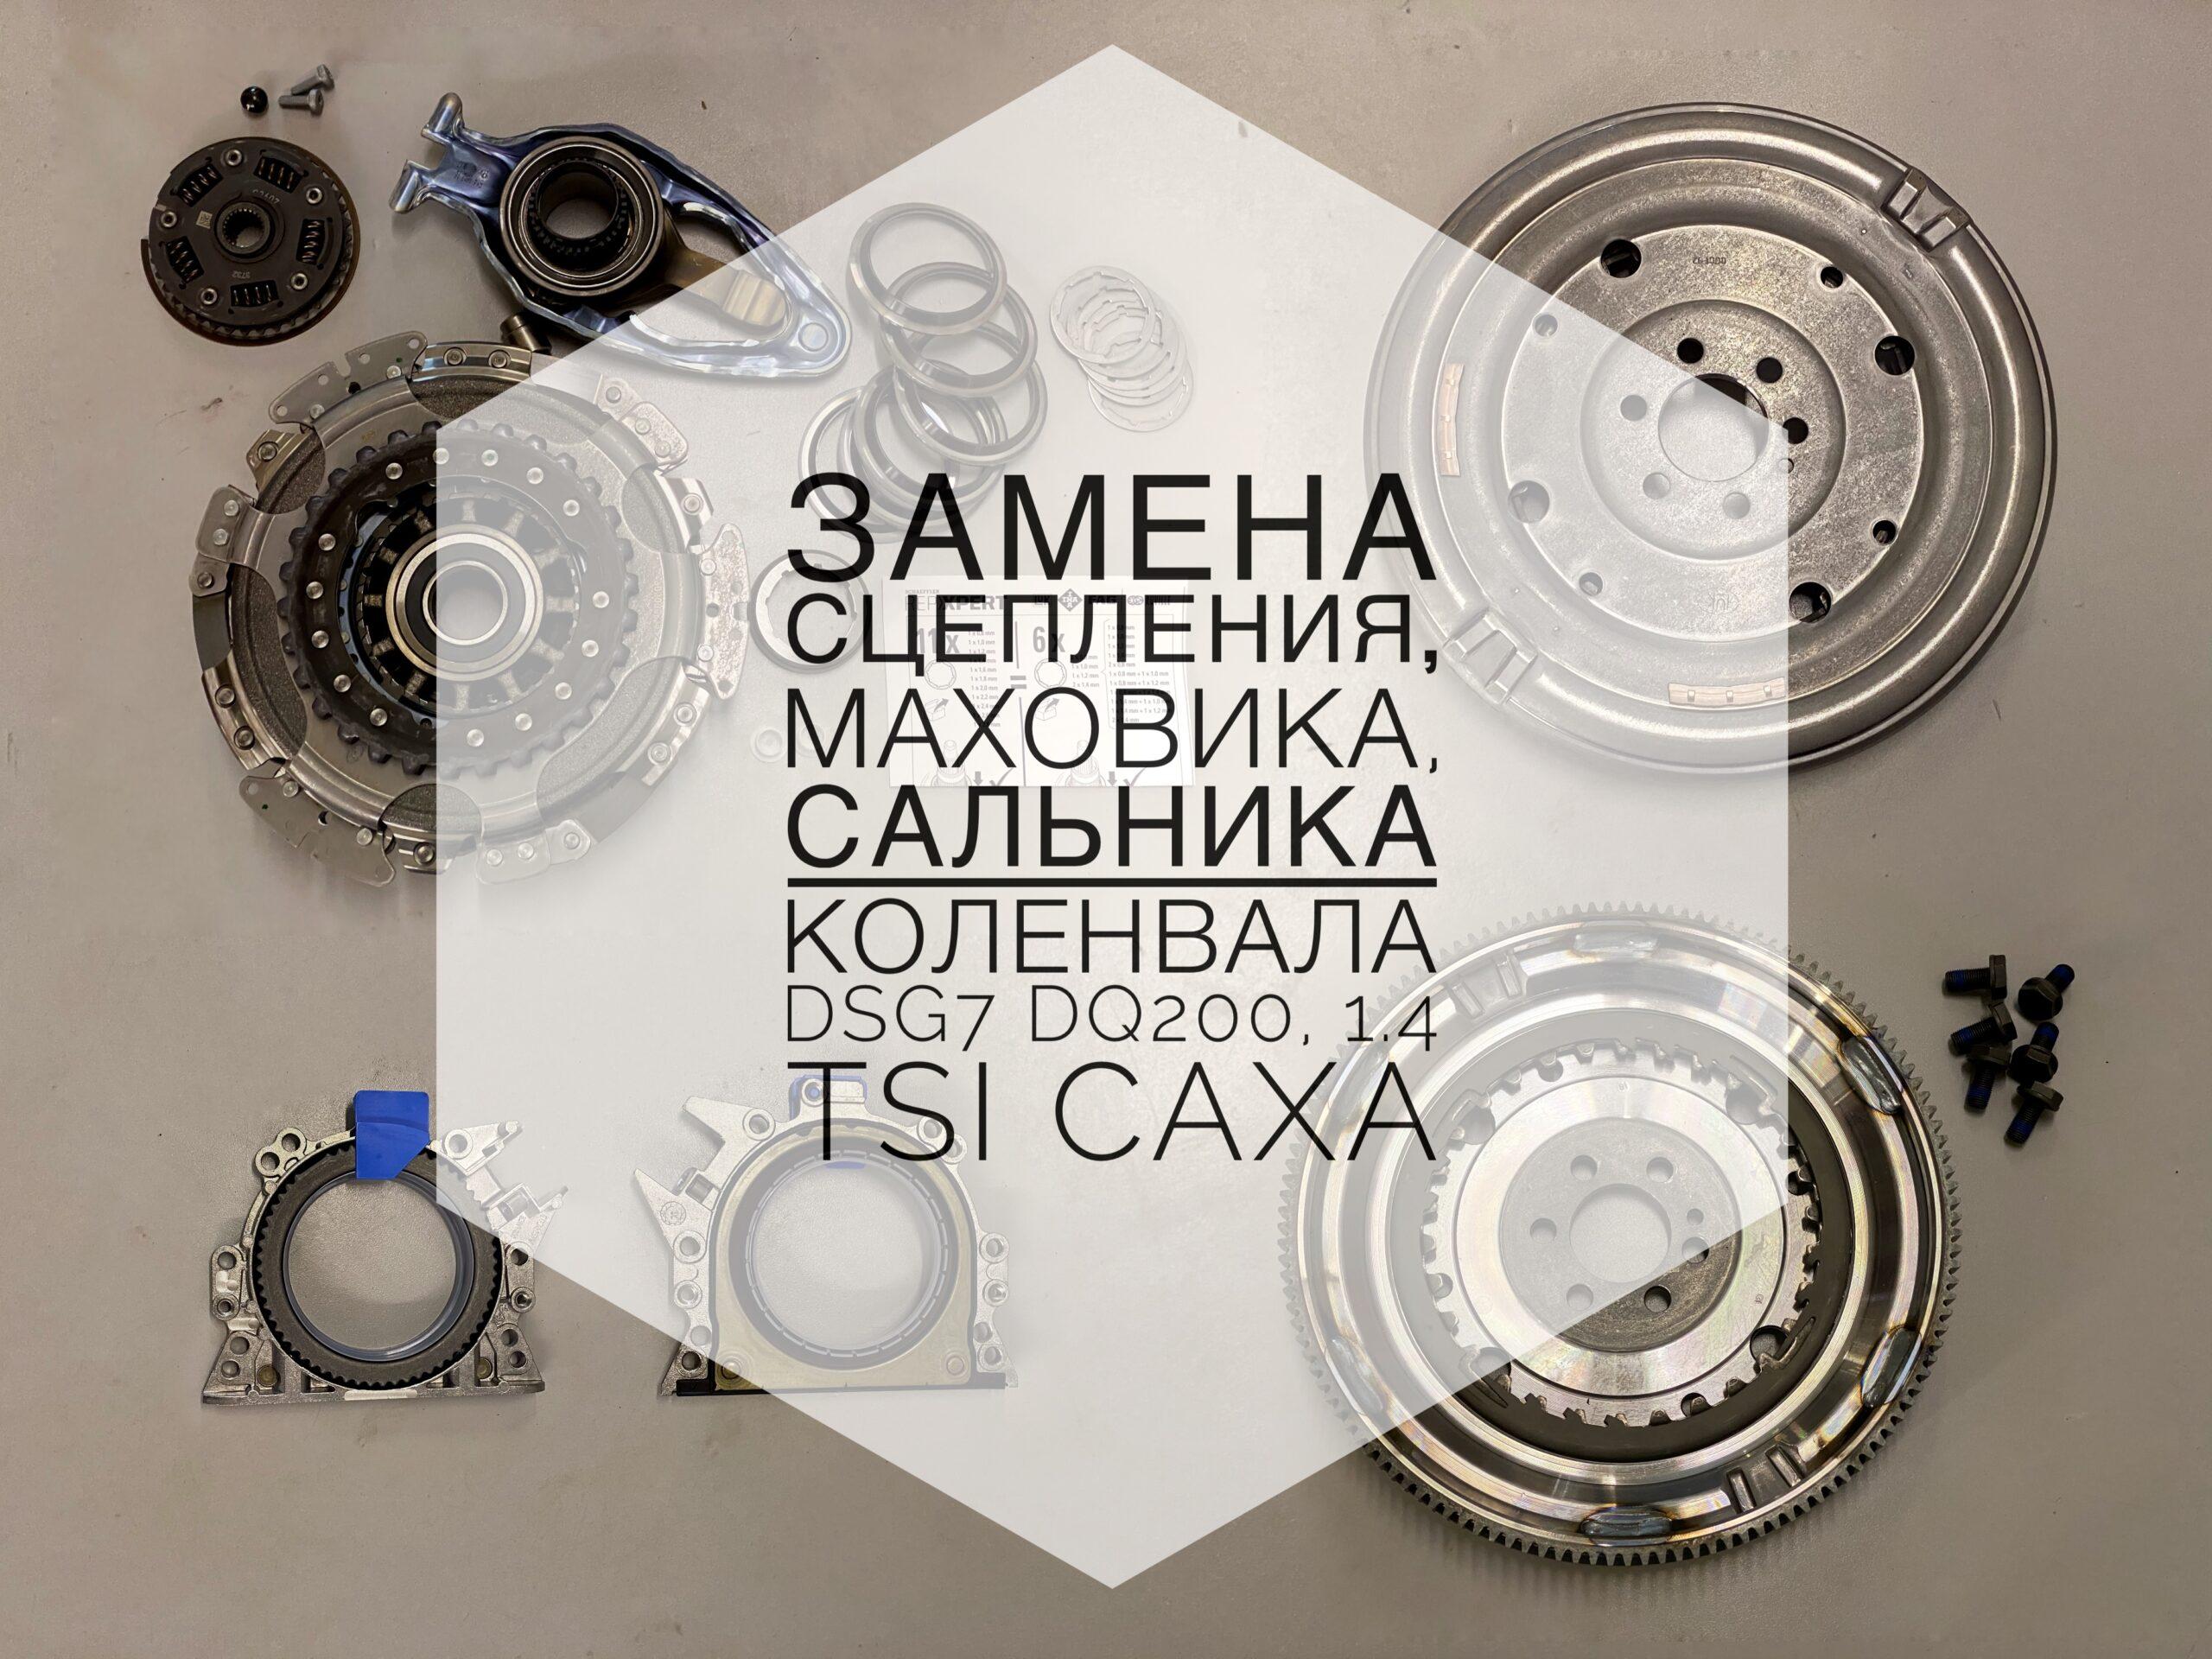 Замена маховика, заднего сальника коленвала и сцепления DSG DQ200 1.4 TSI CAXA